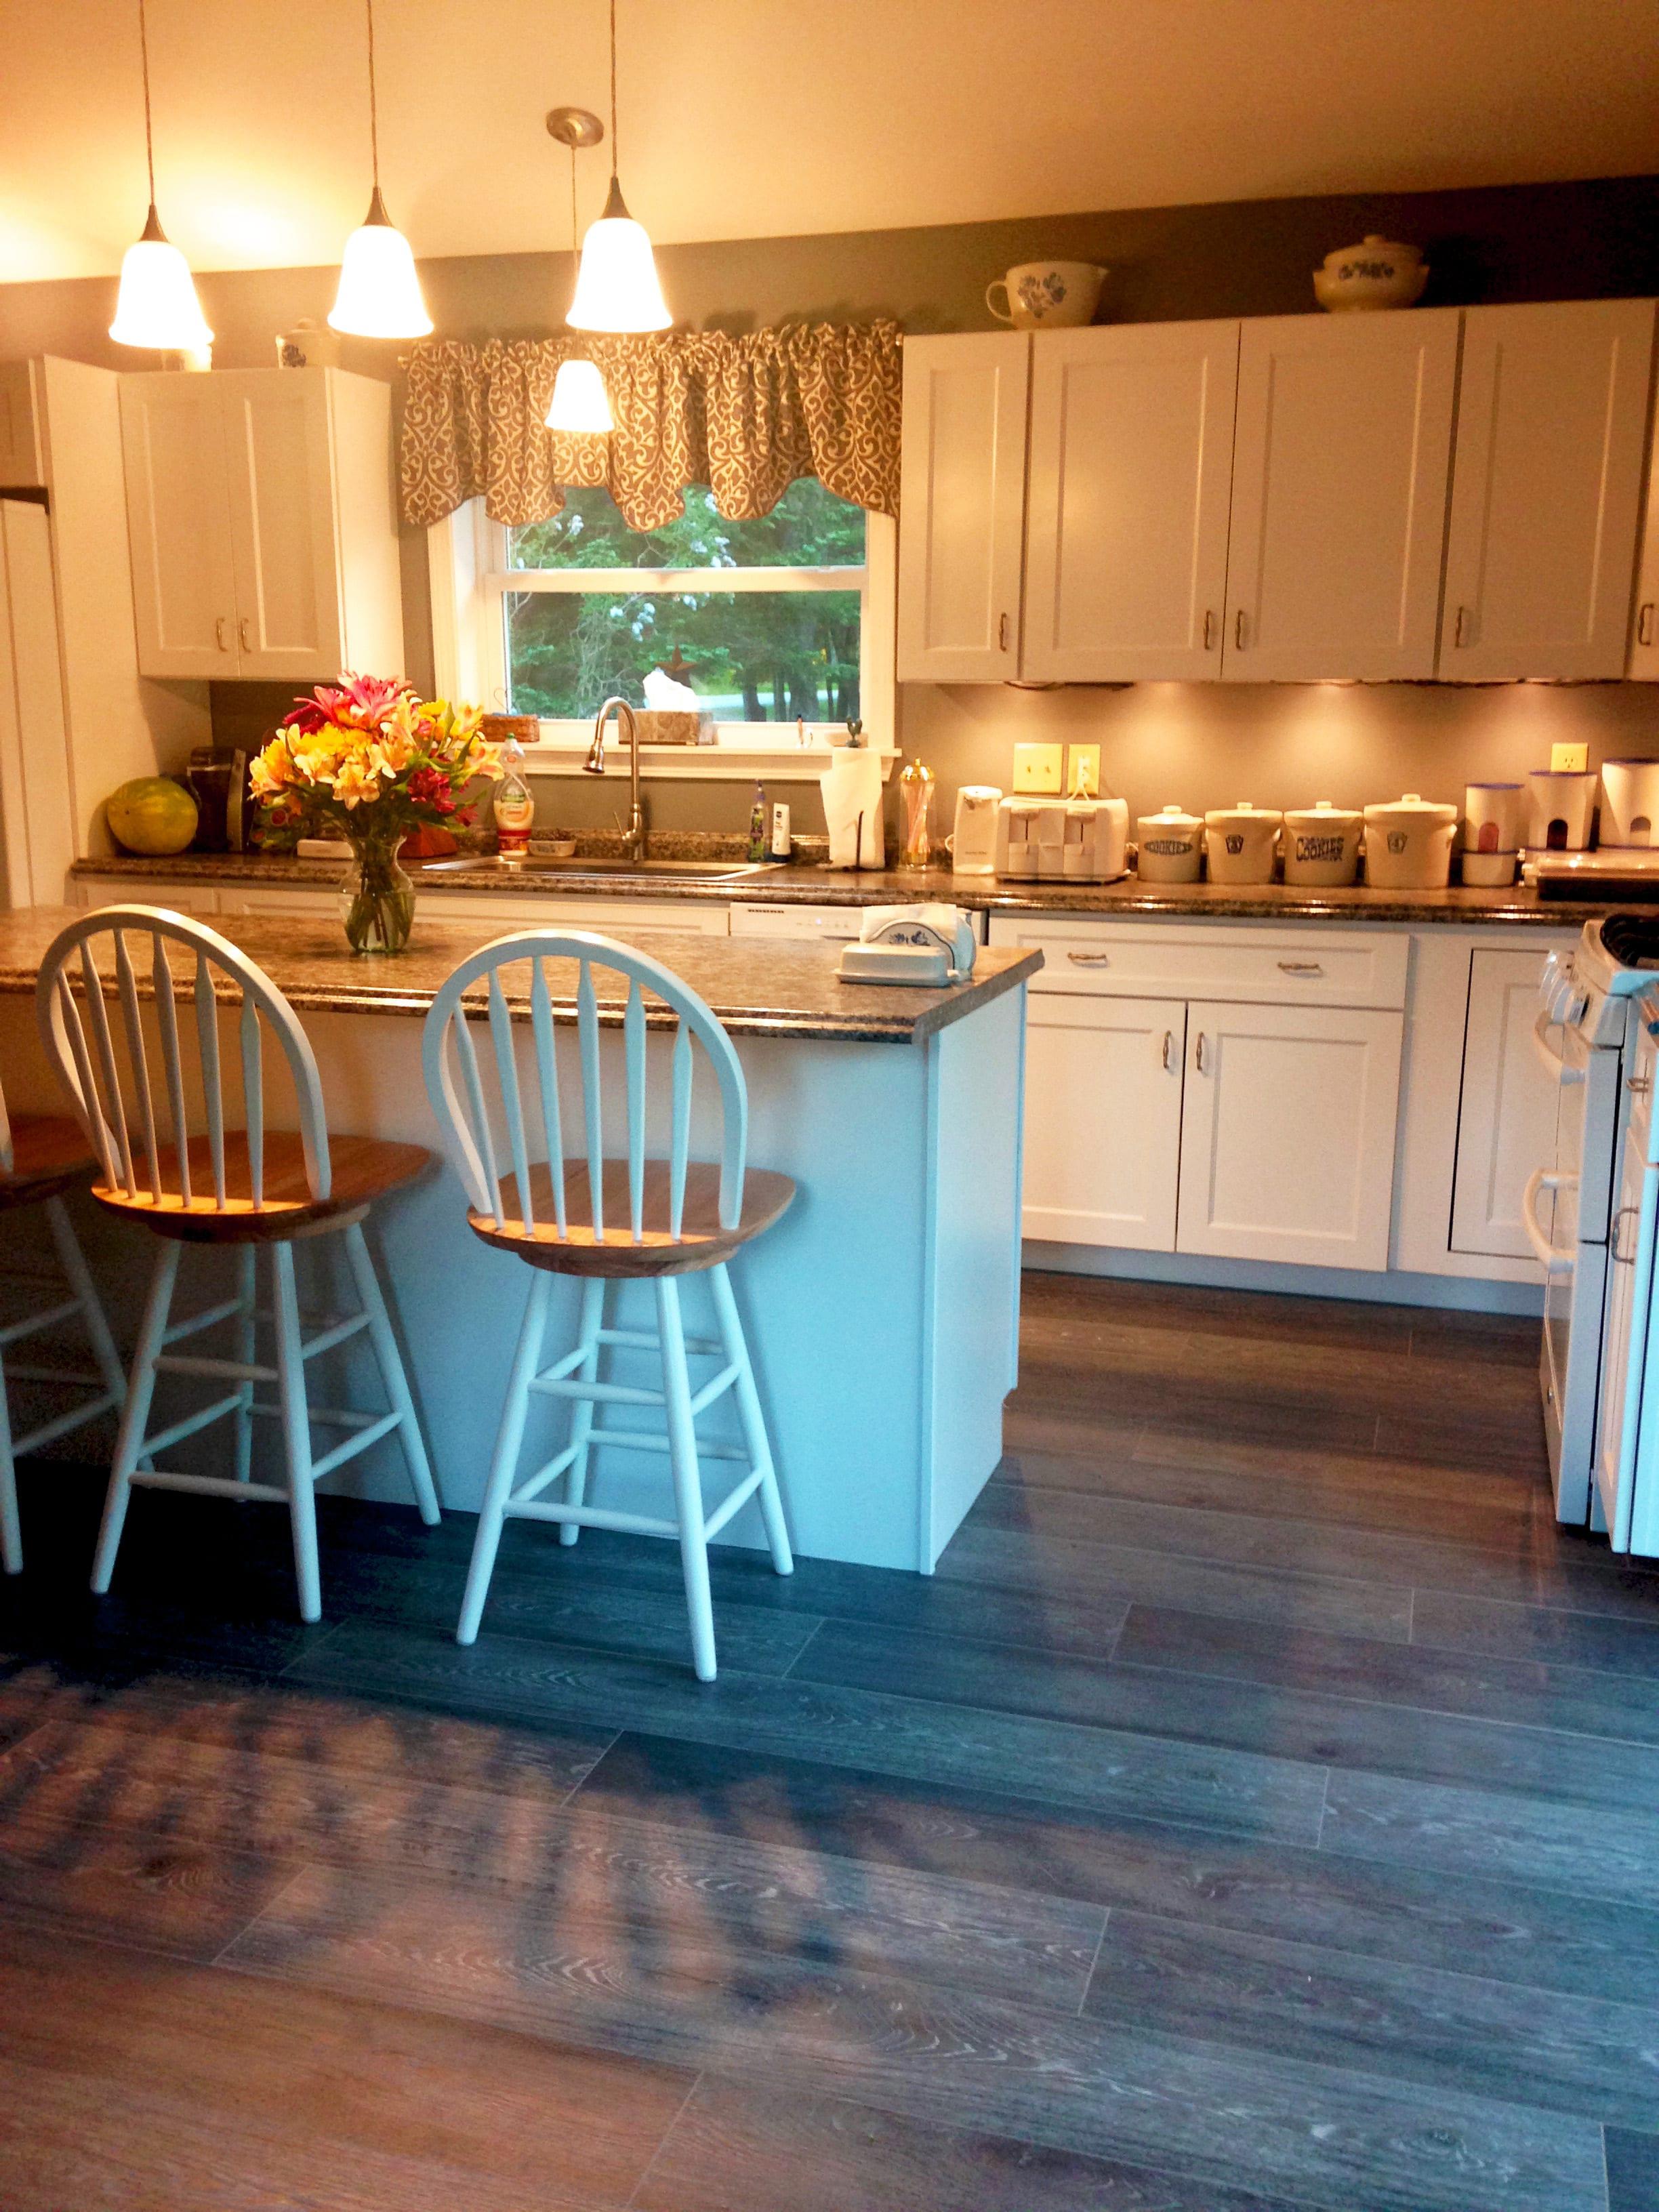 Best Laminate Floor For Kitchen 5 Laminates For A Unique Farmhouse Kitchen